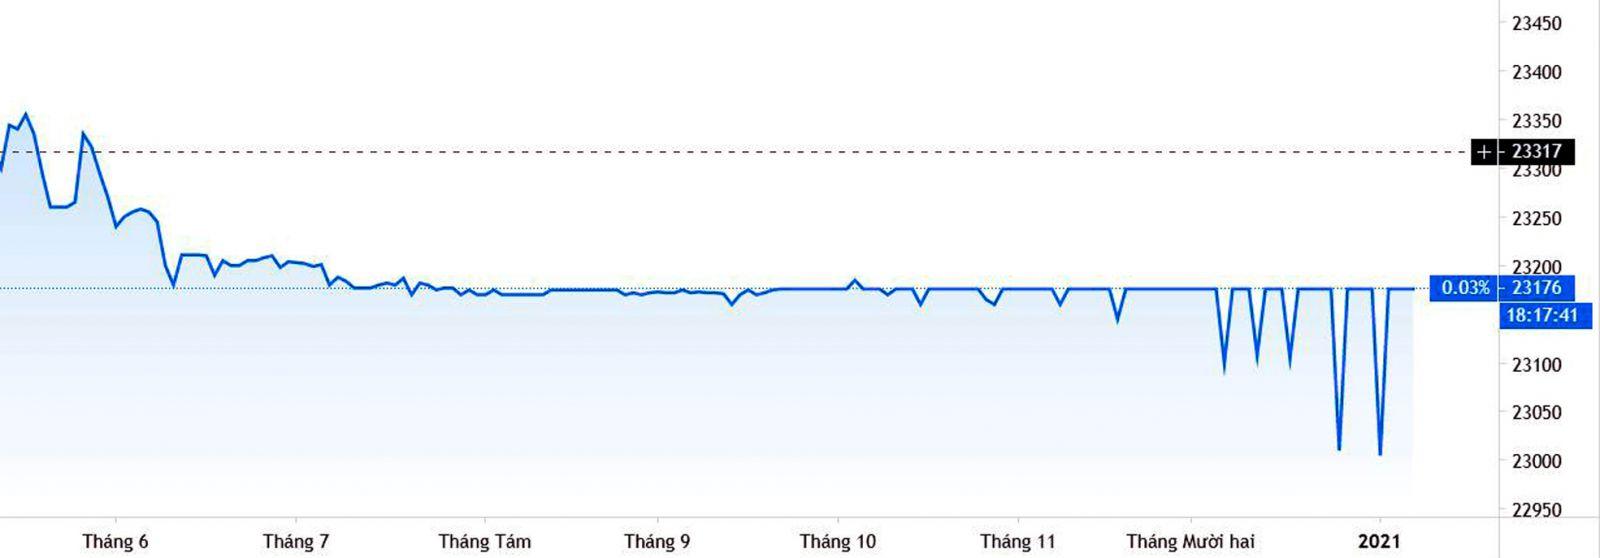 Diễn biến tỷ giá USD/VND trong thời gian qua.p/Nguồn: tradingview